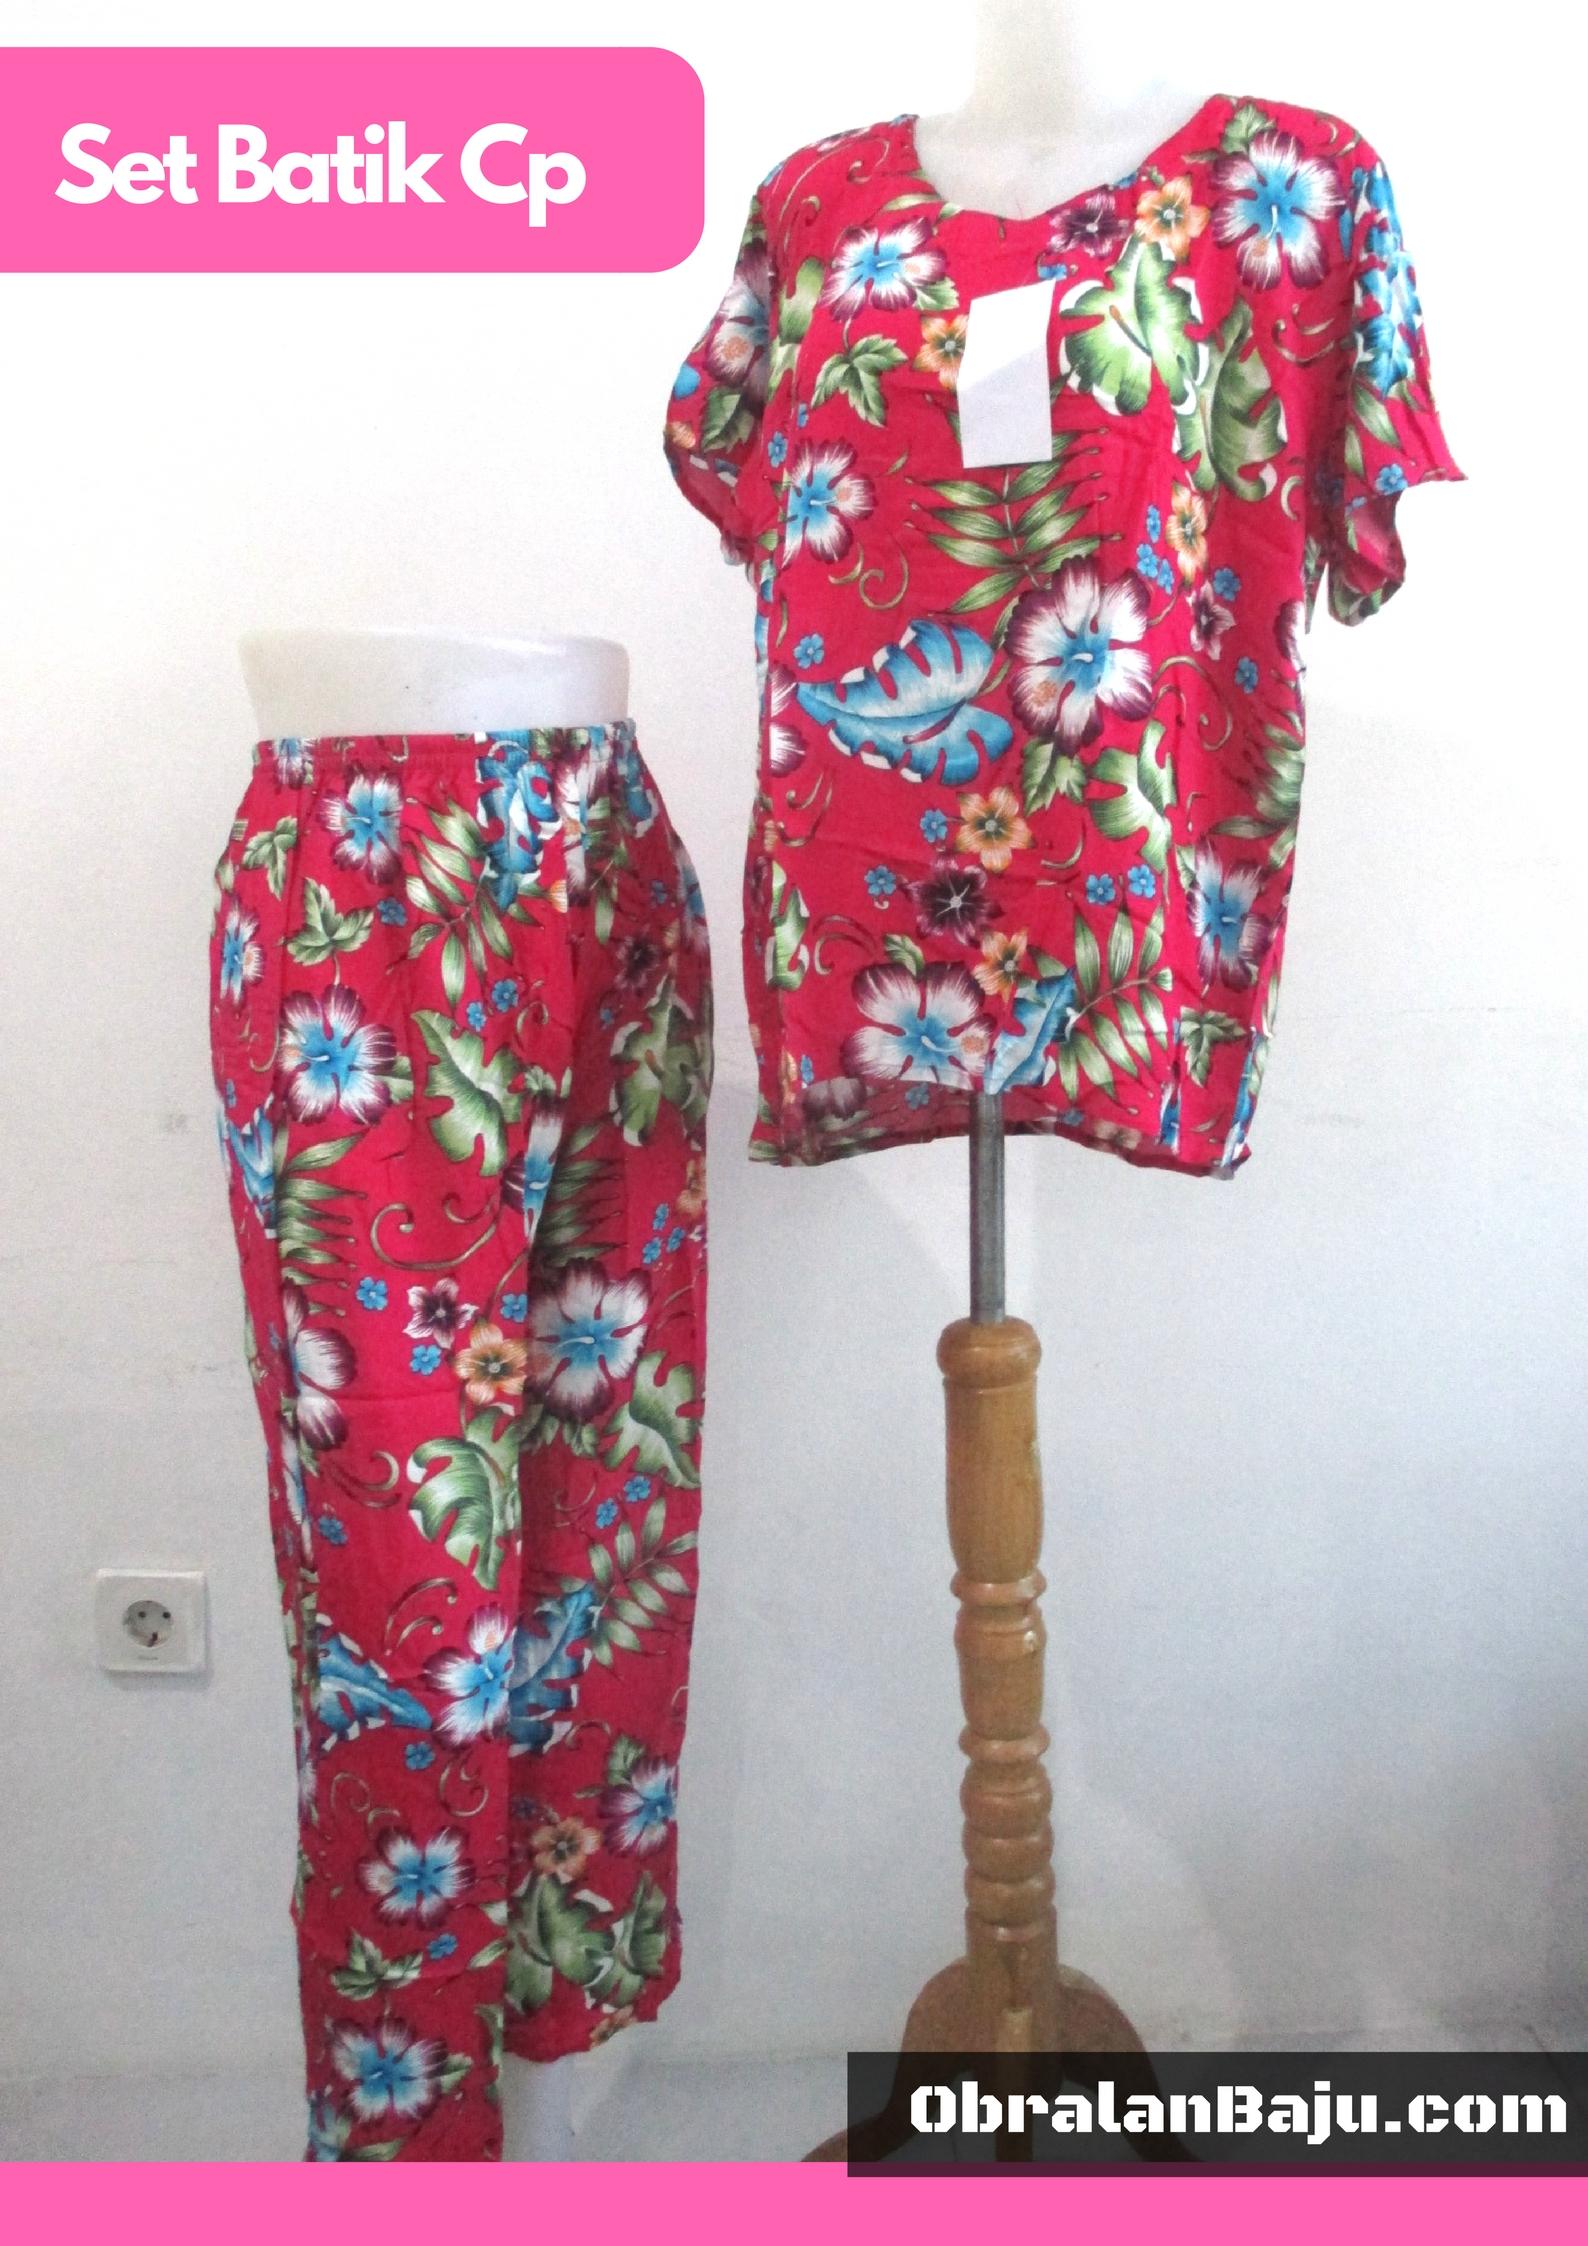 ObralanBaju.com Obral Baju Pakaian Murah Meriah 5000 Daster Celana Panjang (CP)